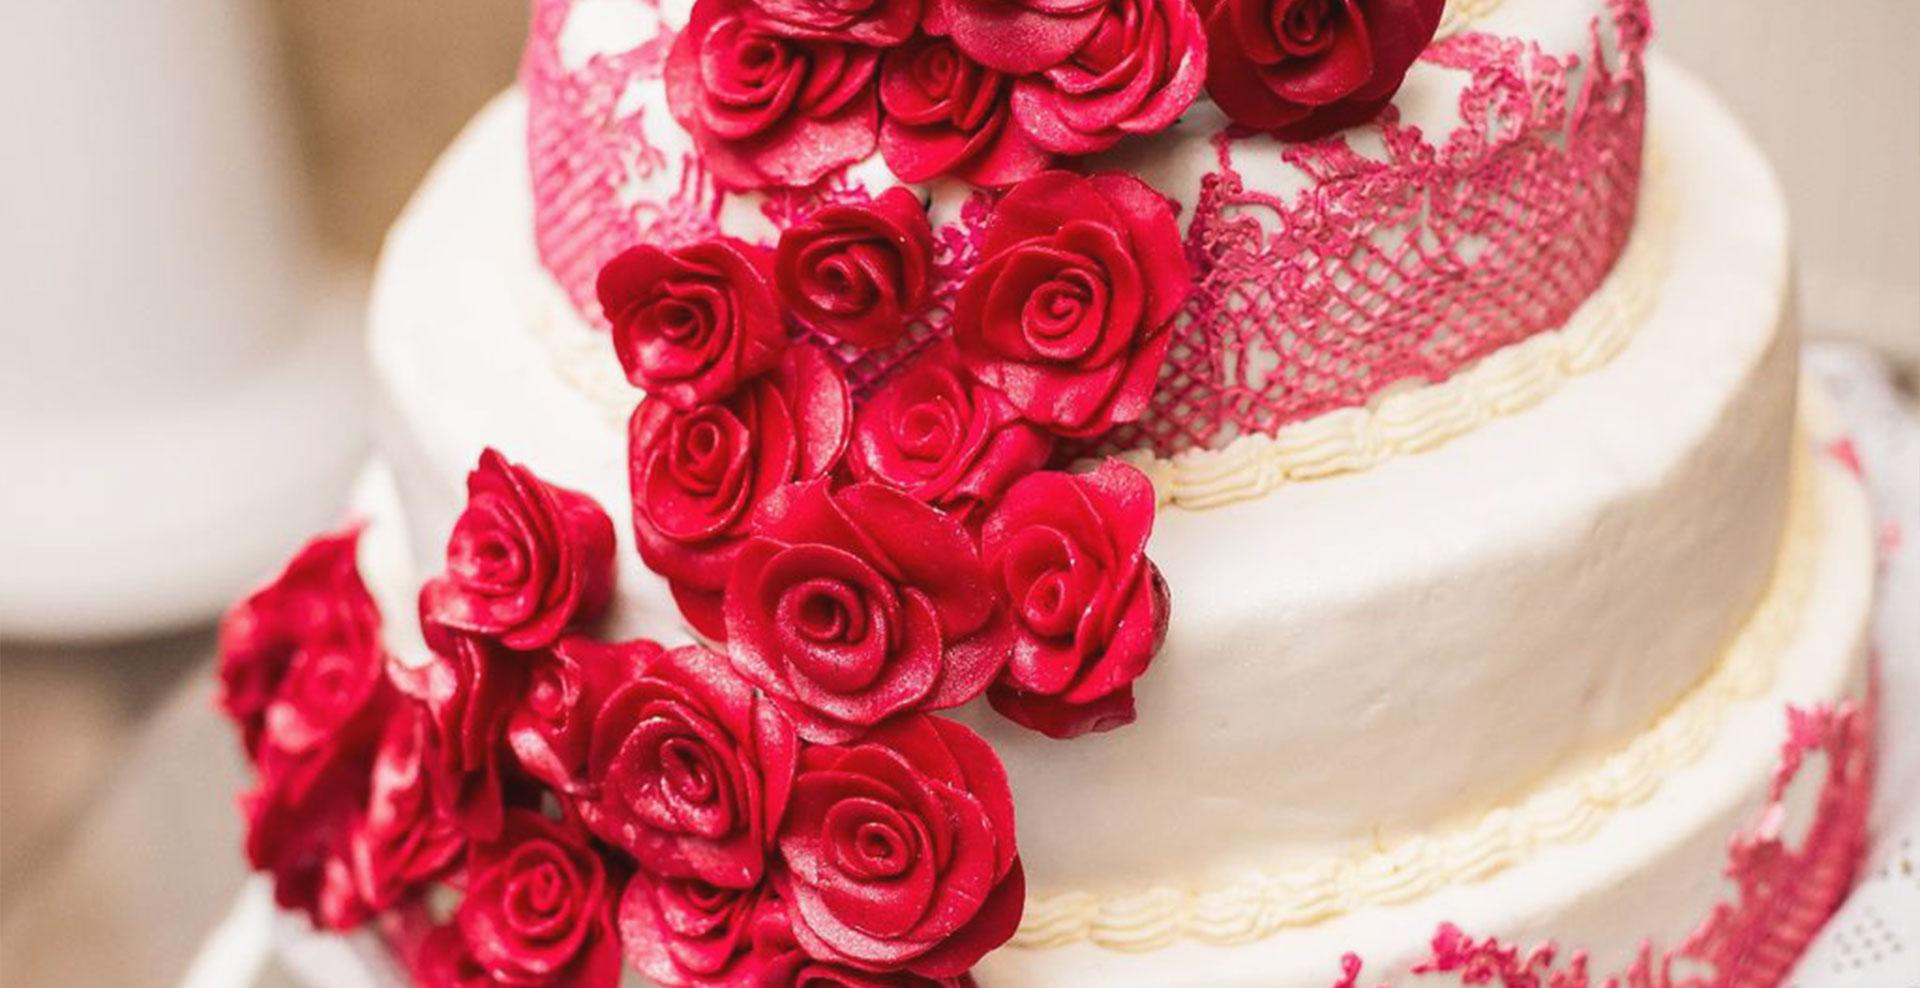 Tentez Le Cake Design Entre Art Et Gourmandise Le Blog Invite1chef